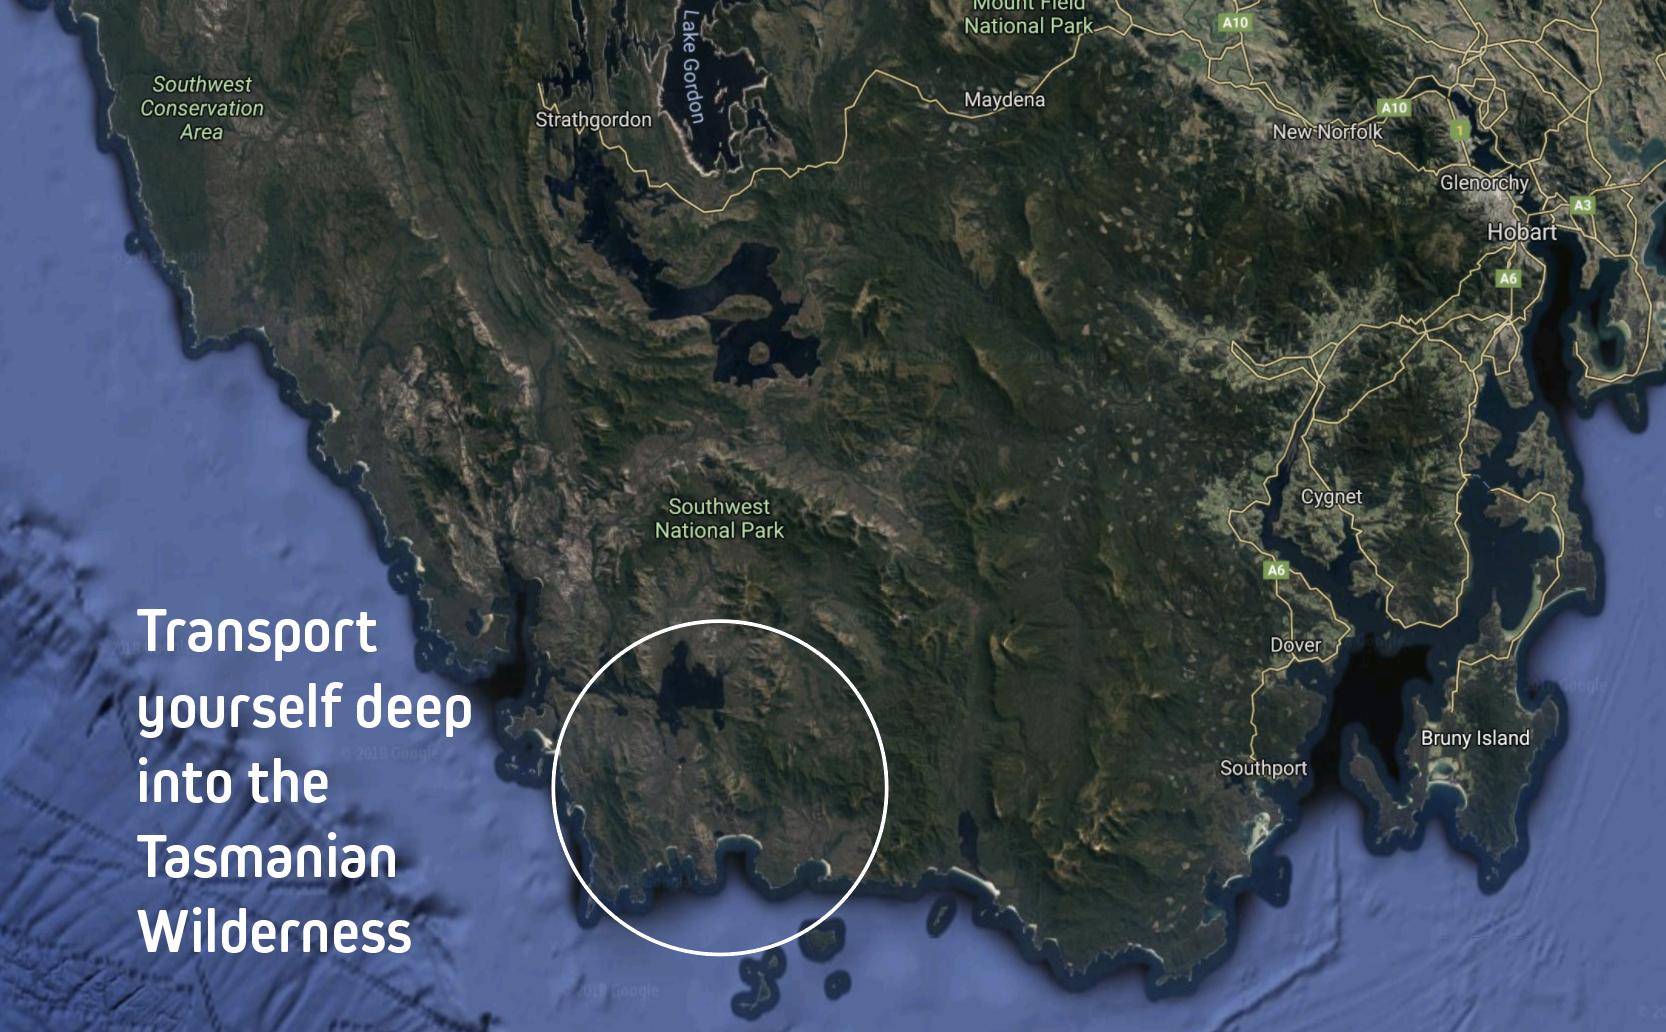 Map of Southwest Tasmania